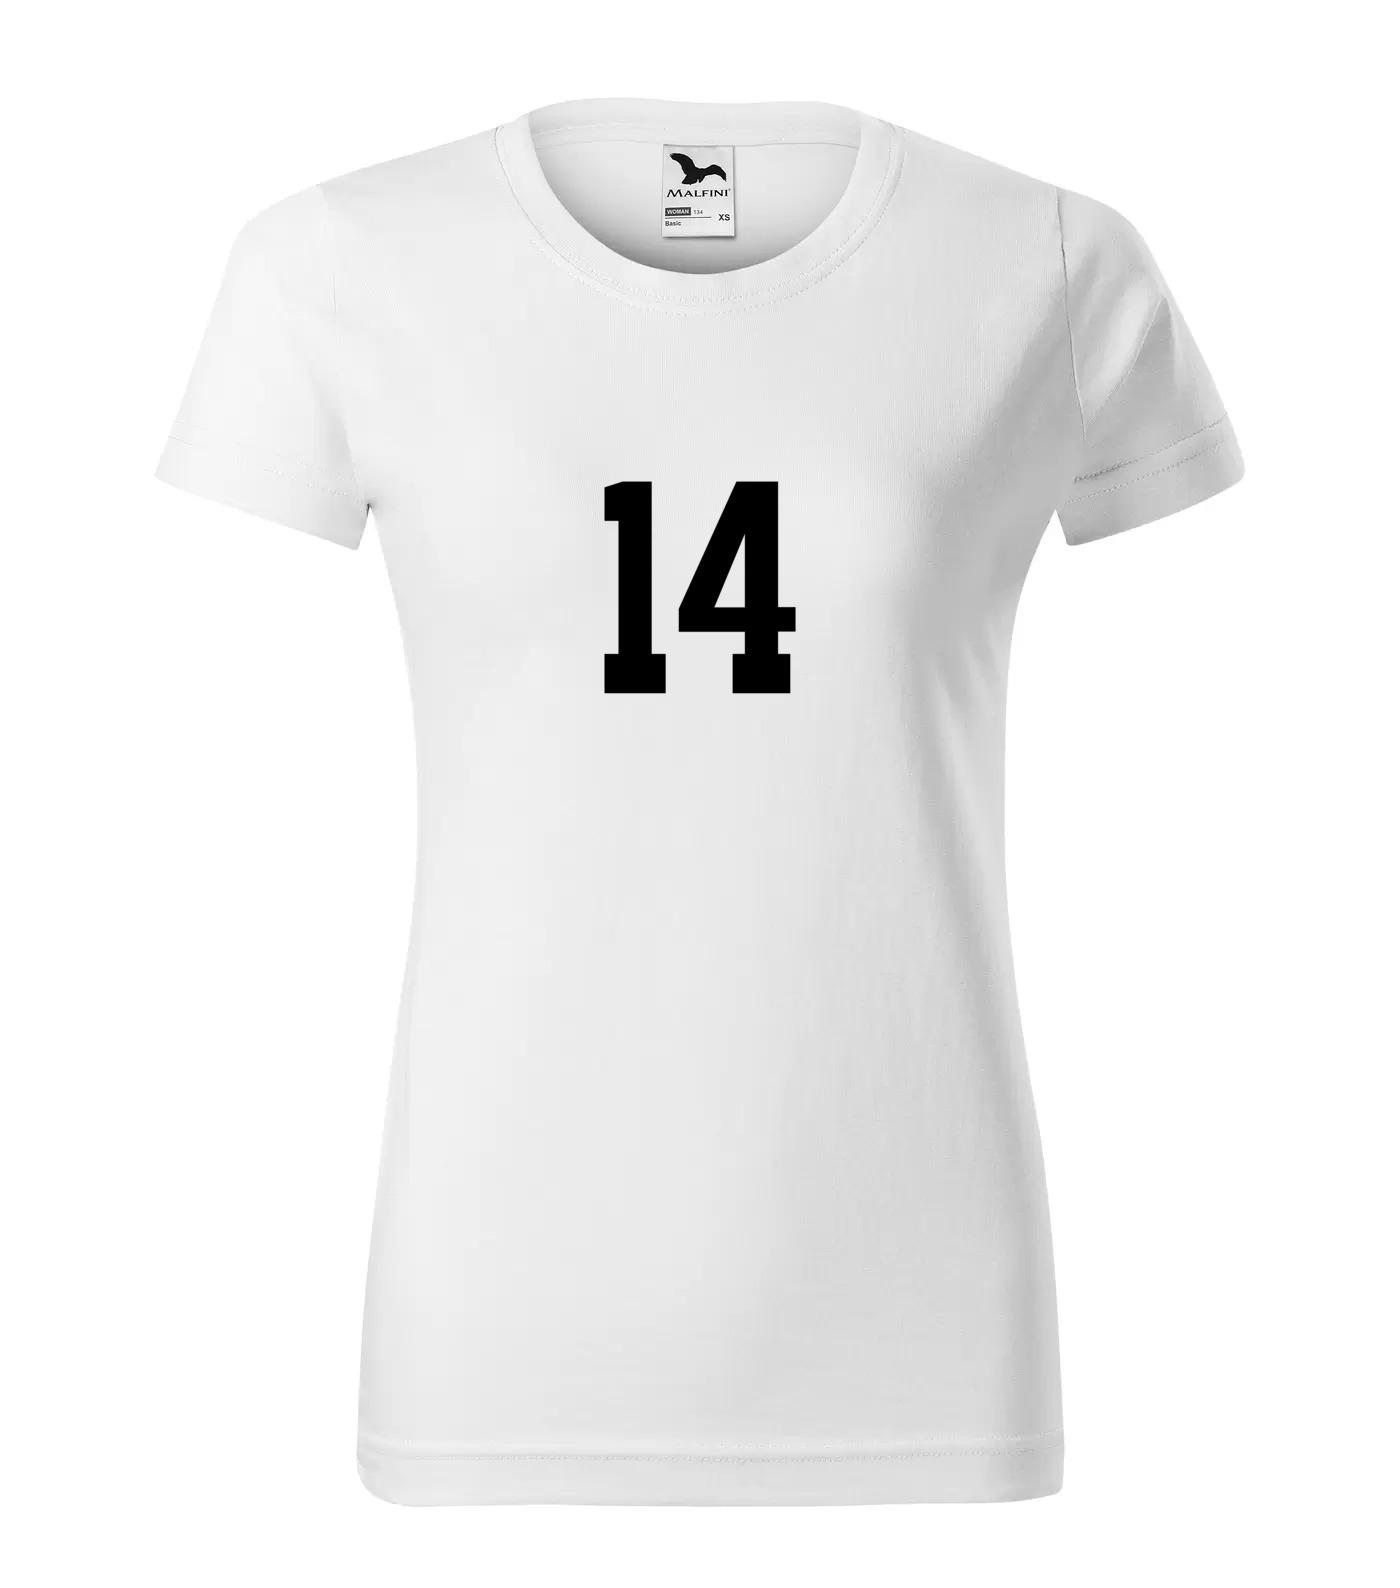 Tričko s číslem 14